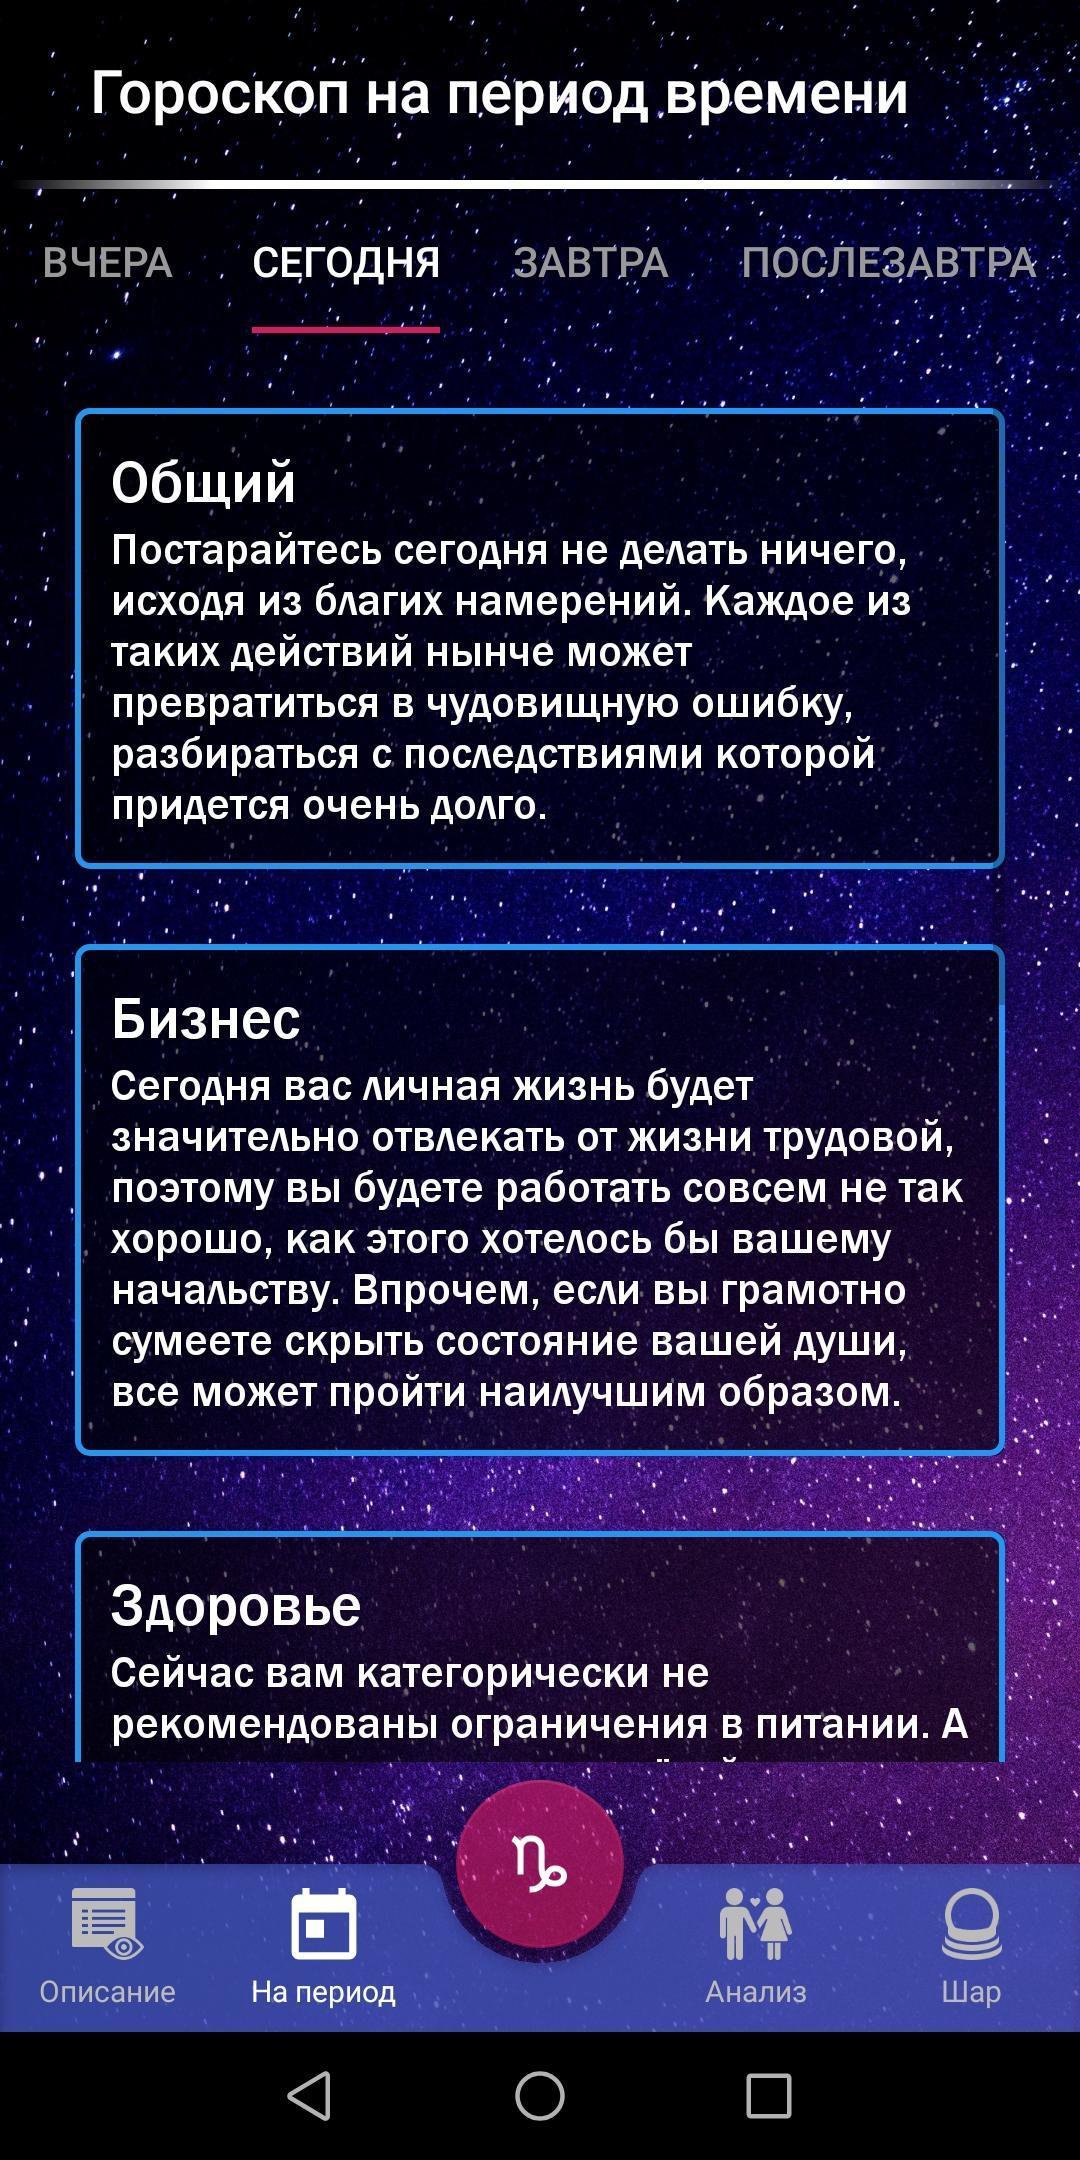 Точный гороскоп на сегодня и на каждый день poster